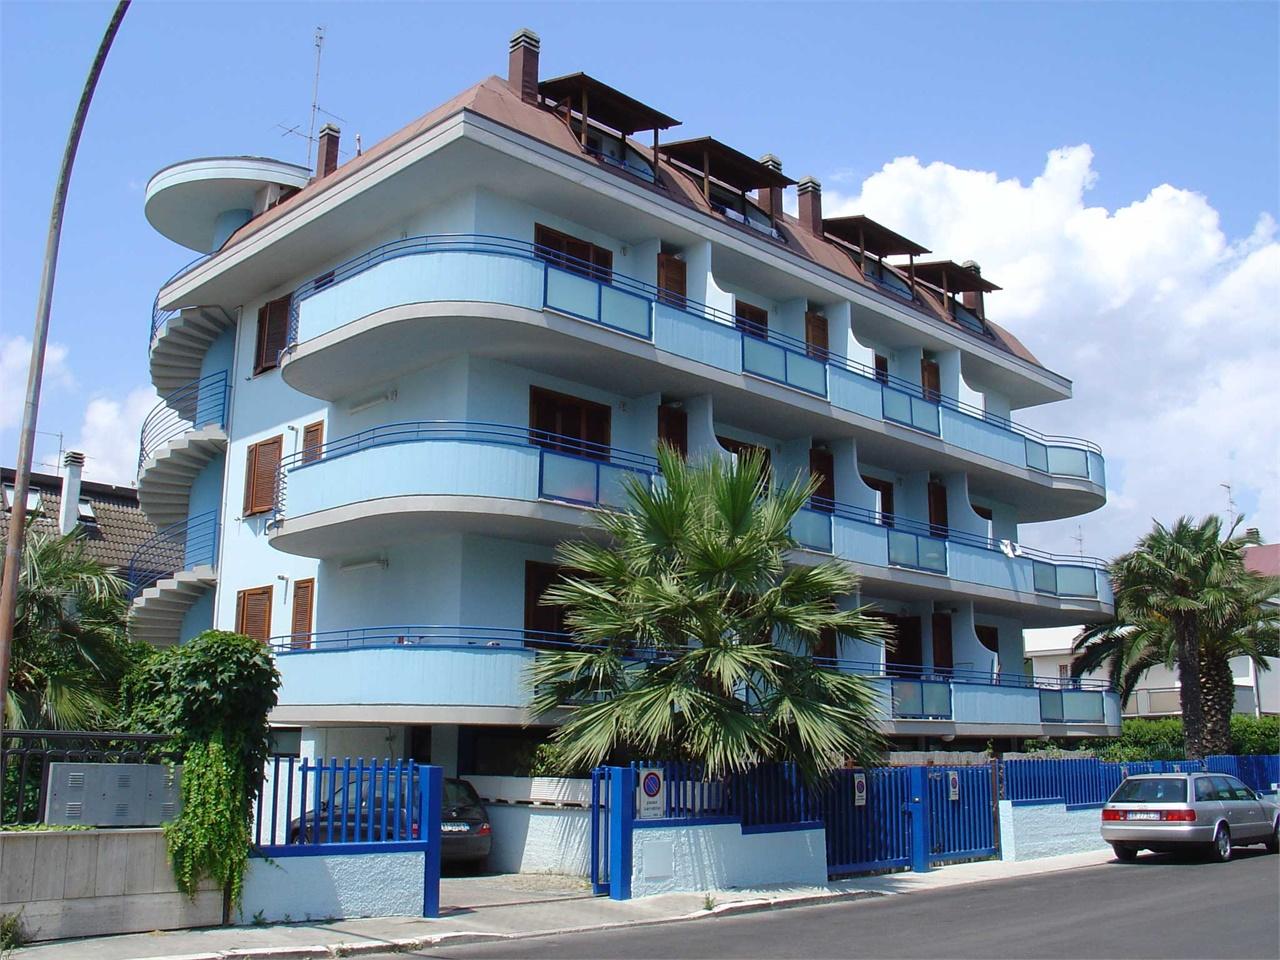 Il cielo 4 posti appartamenti con giardino o terrazzo a for Costo ascensore esterno 4 piani